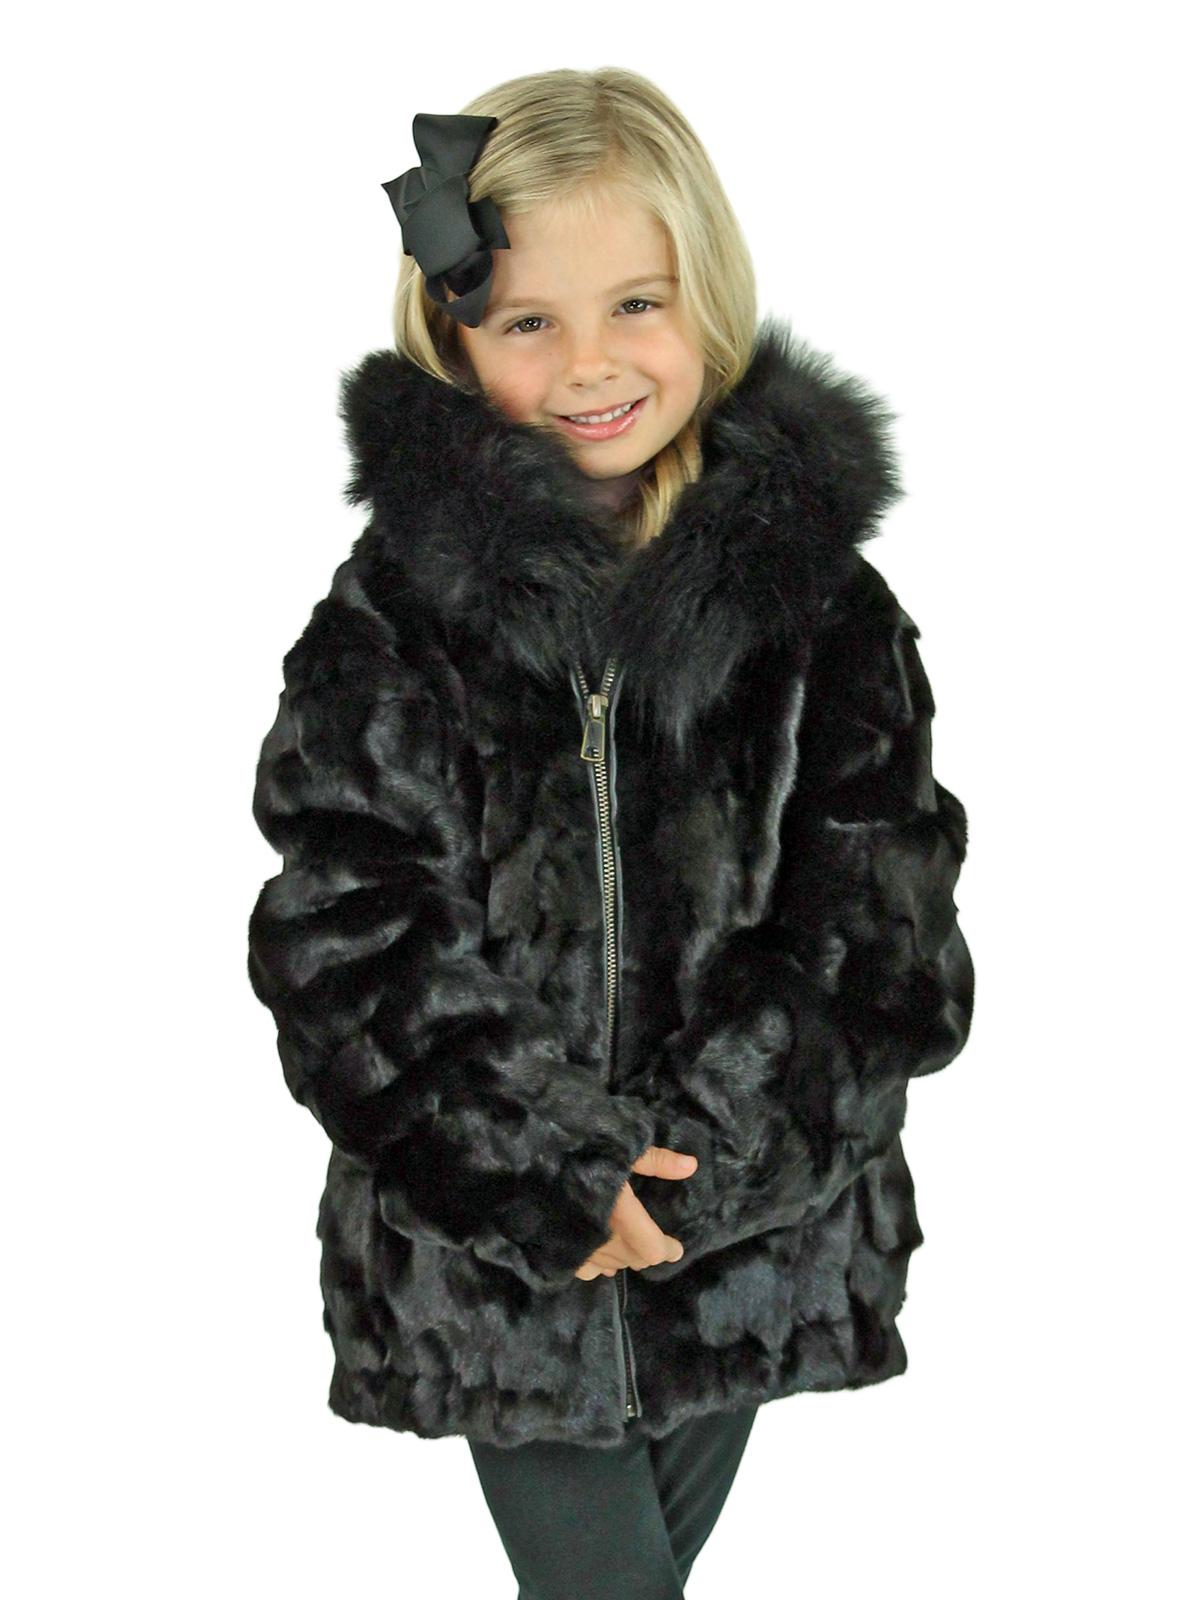 Kid's Black Diamond Mink Fur Jacket with Hood